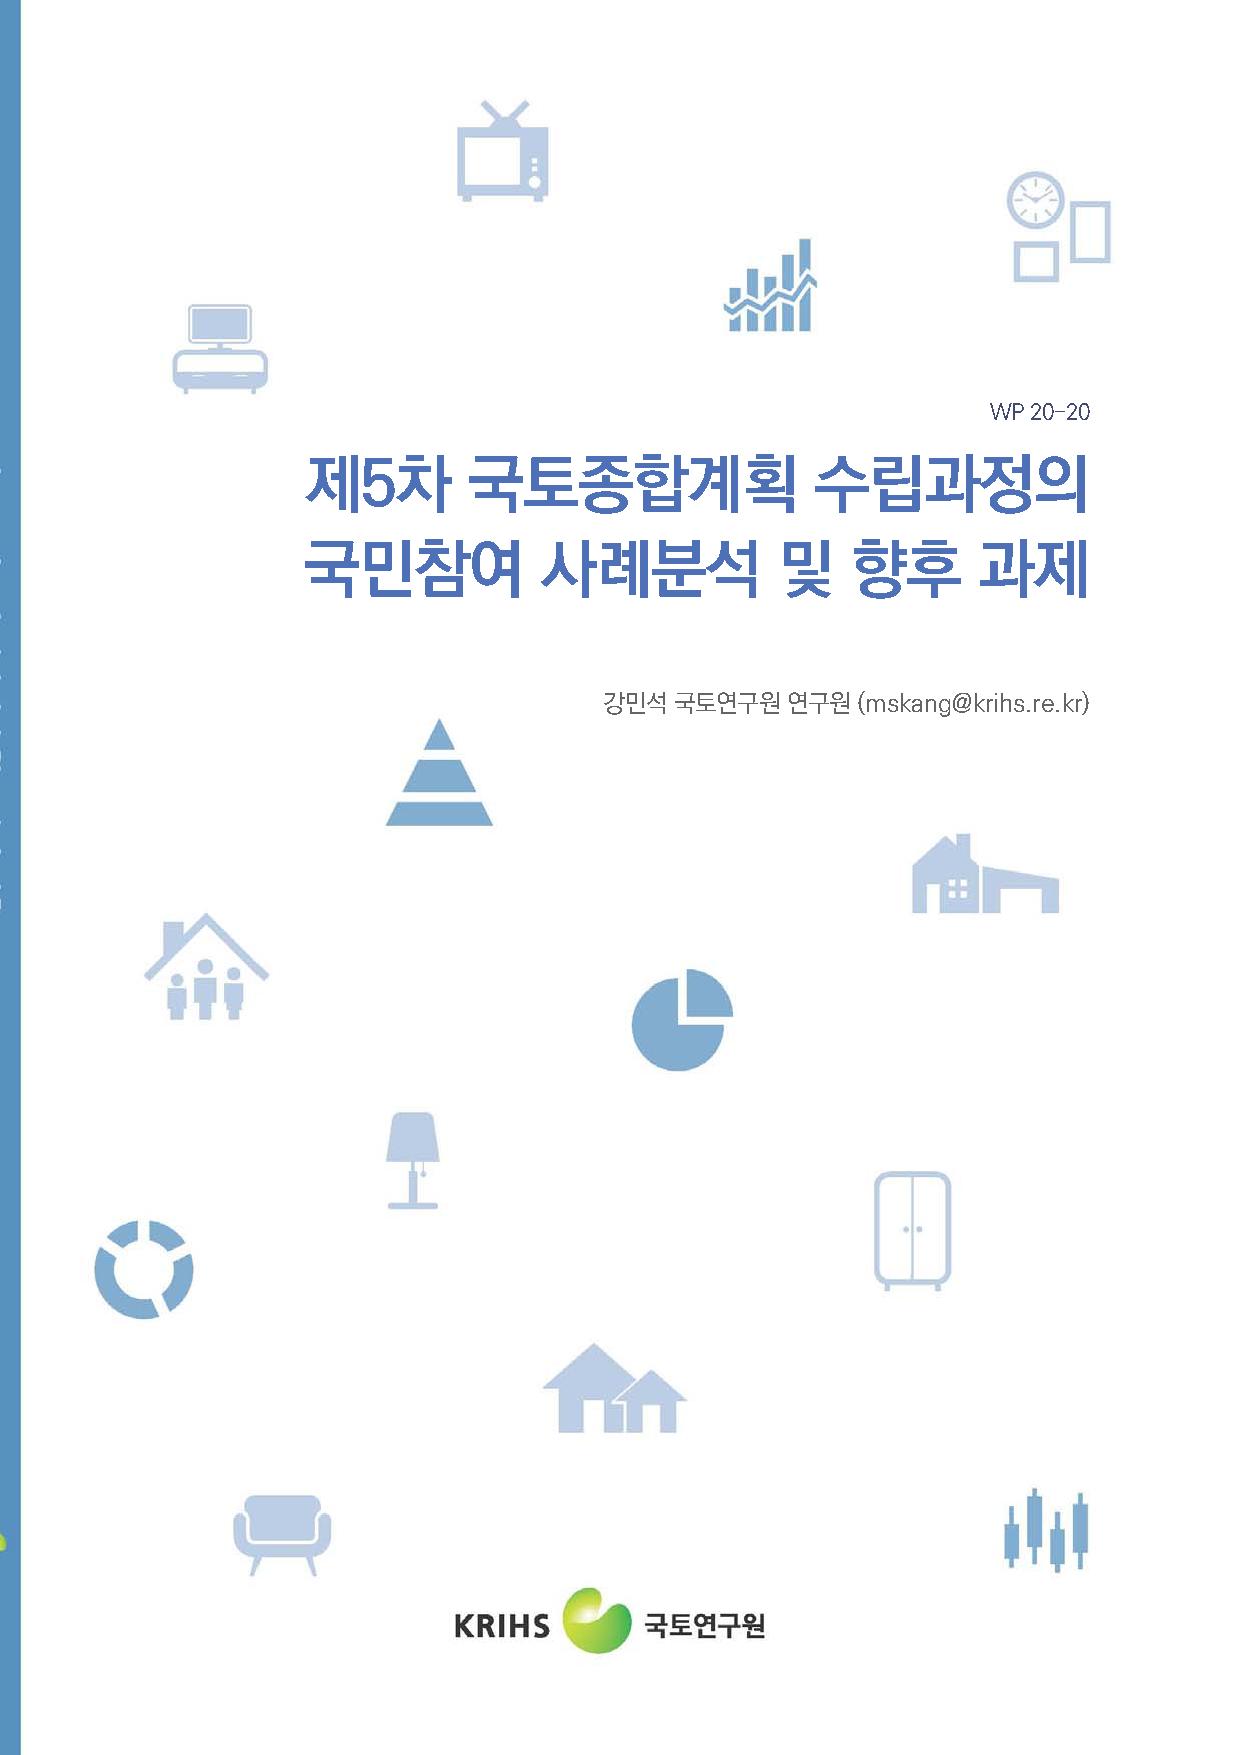 제5차 국토종합계획 수립과정의 국민참여 사례분석 및 향후 과제표지